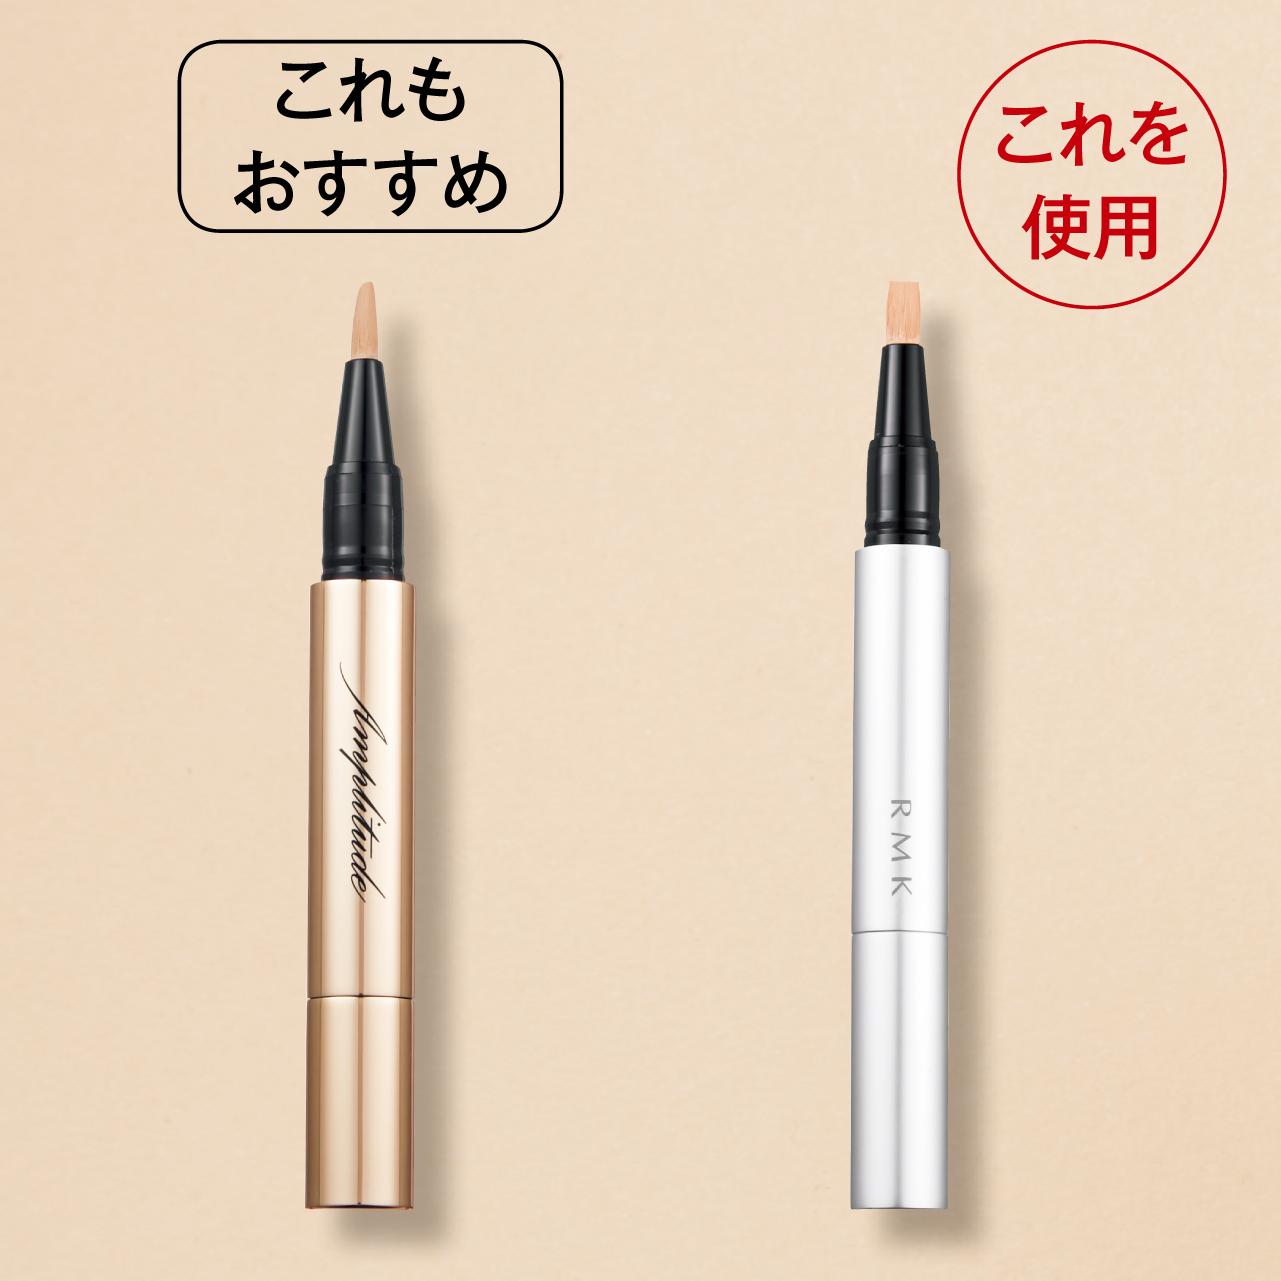 (右)ルミナス ペンブラッシュコンシーラー 全5色 1.7g ¥3,850/RMK Division (左)リキッドコンシーラー 全4色 1.8g ¥6,050/アンプリチュード